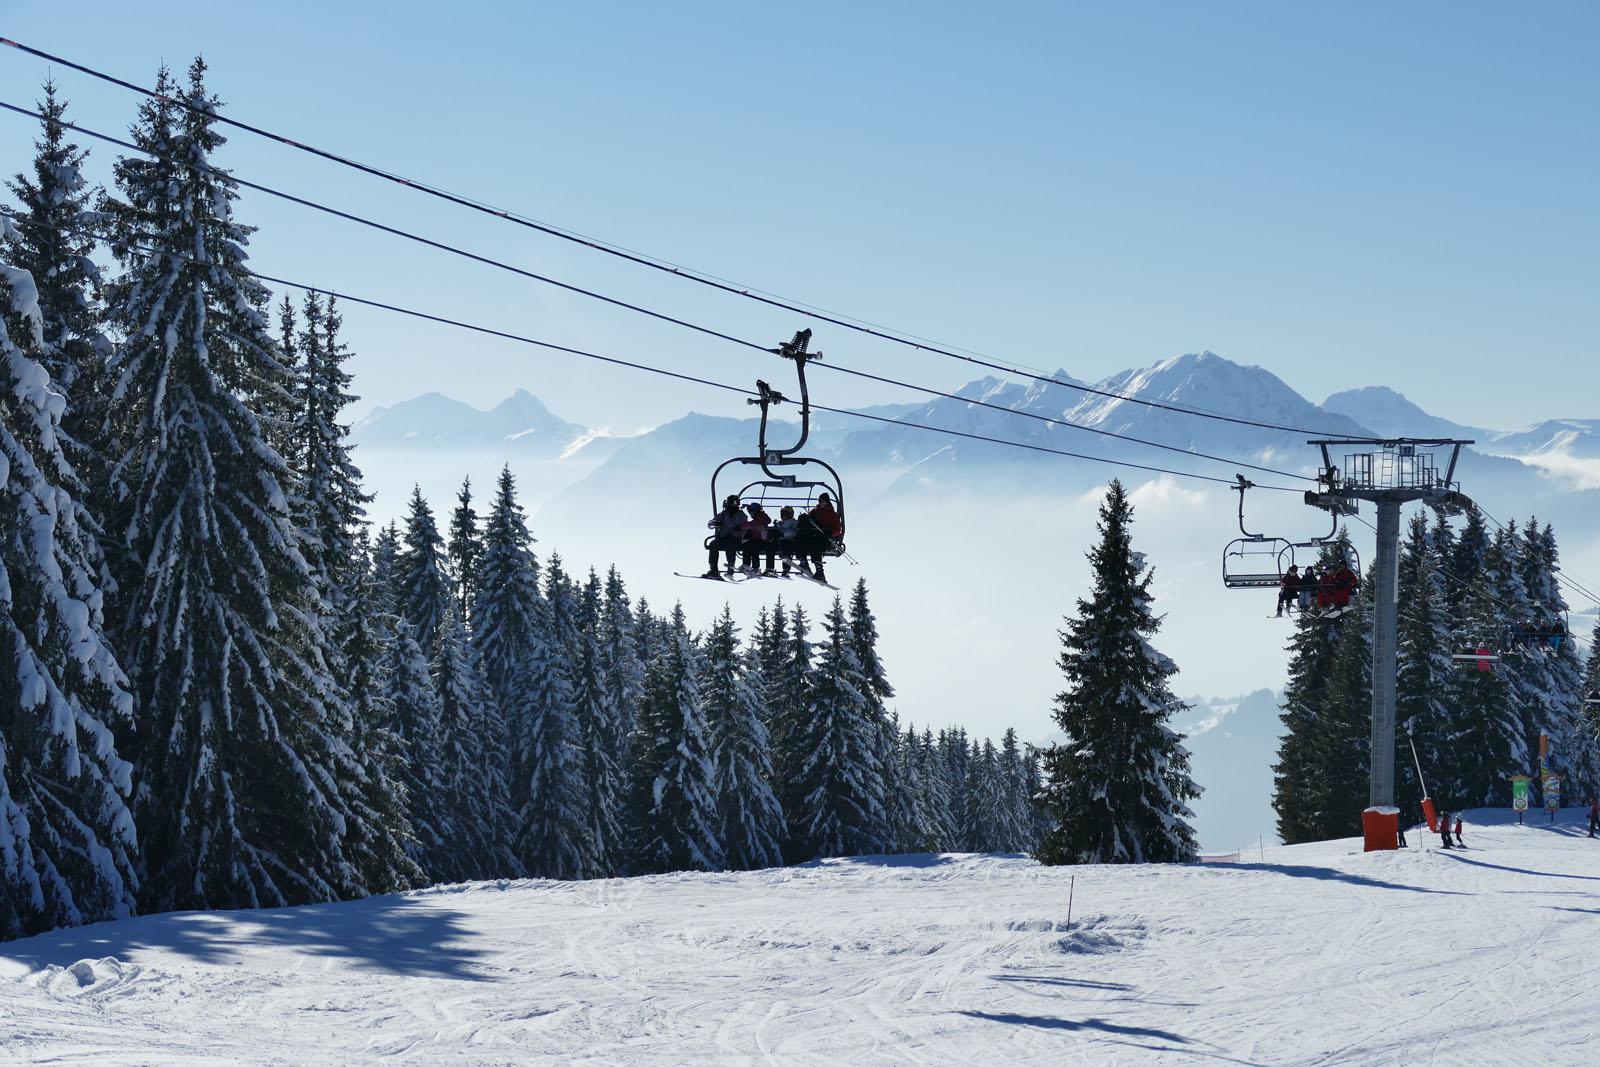 Pour votre location de vacances d'hiver en Savoie, notre hébergement vous attend à Saint-Jean-de-la-Porte